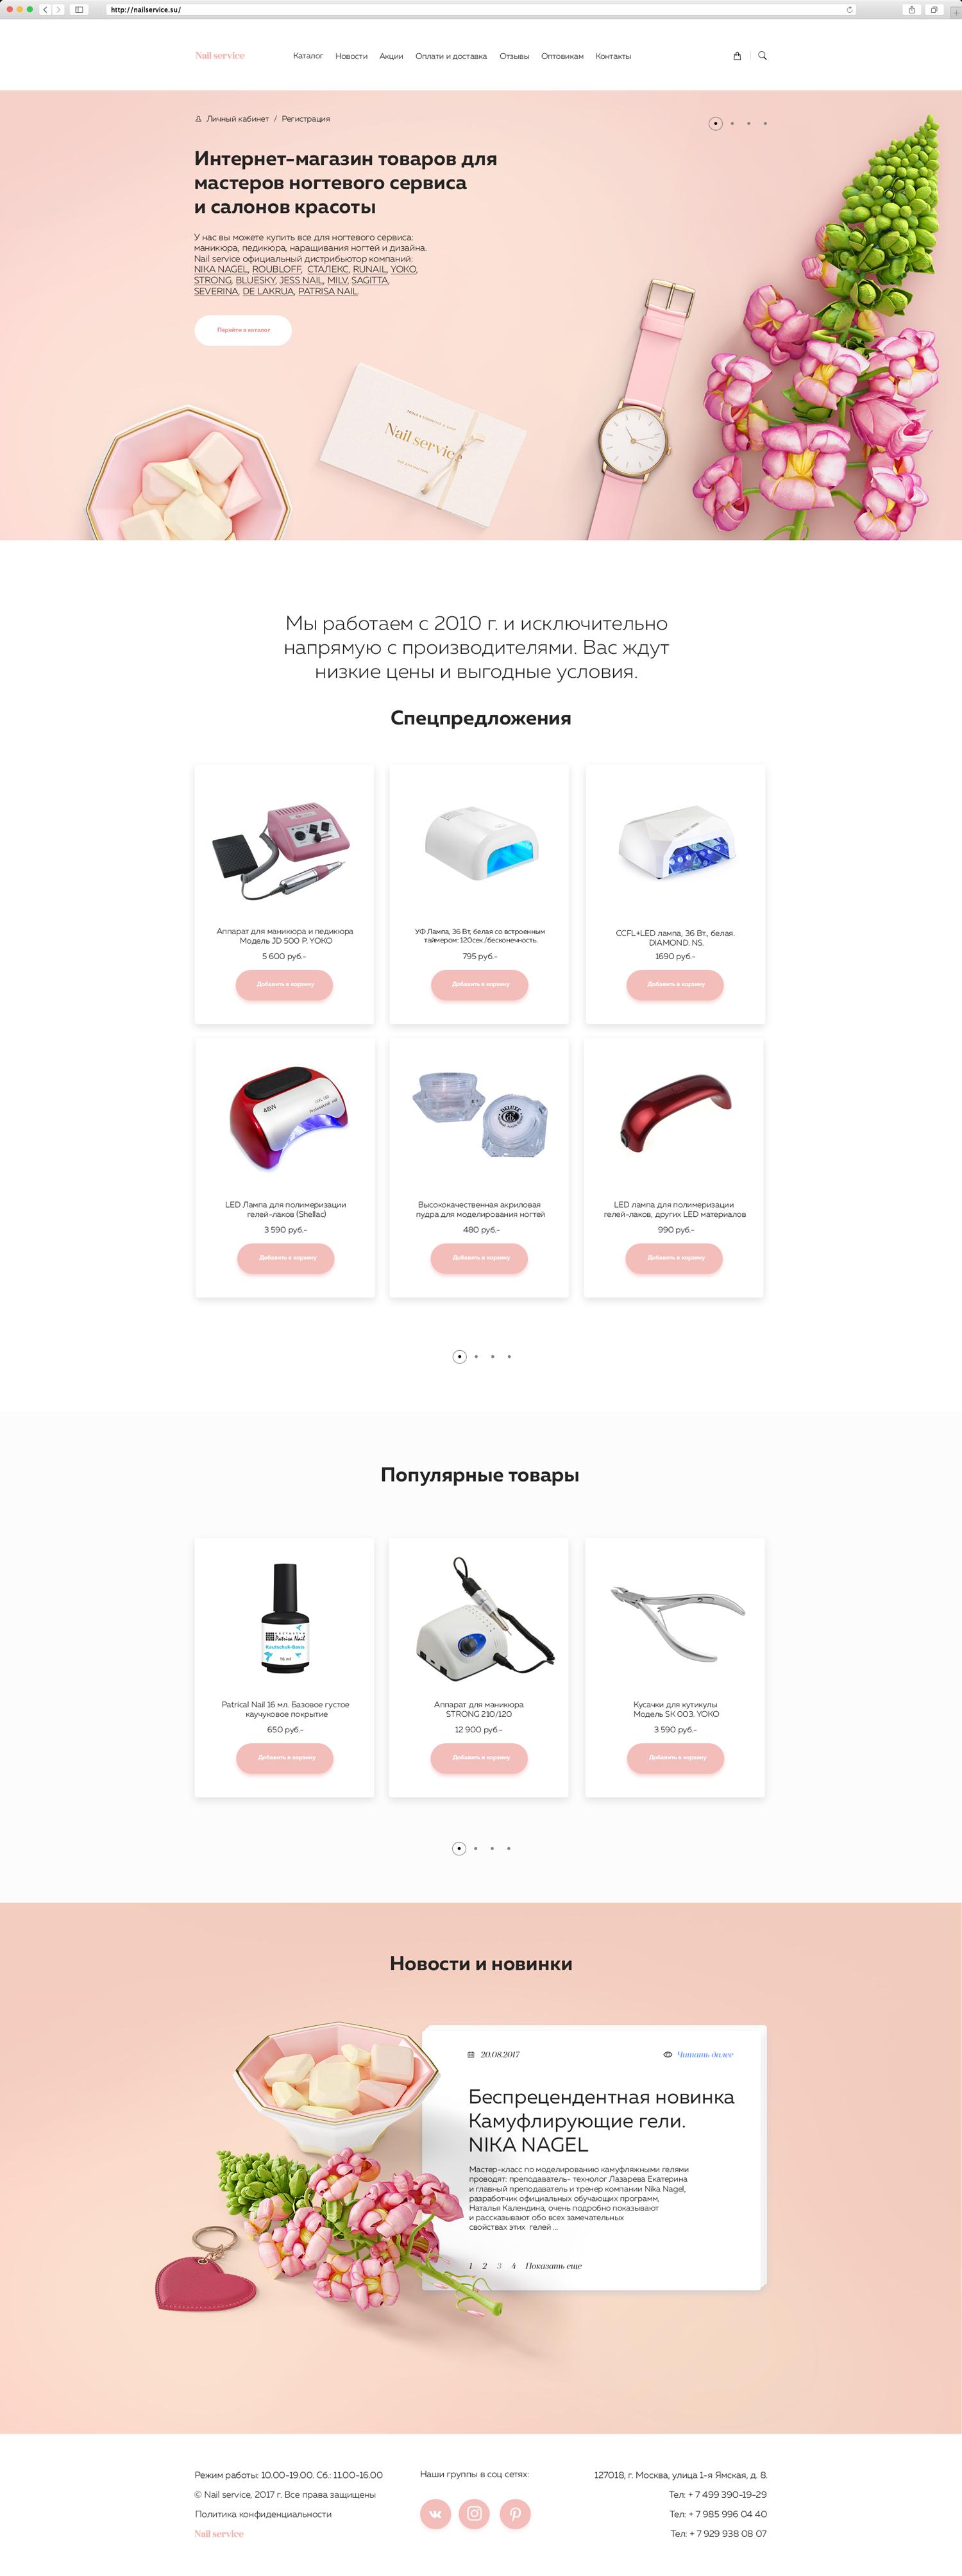 Разработка дизайна главной страницы сайта интернет-магазина фото f_990594bc72dc3657.png